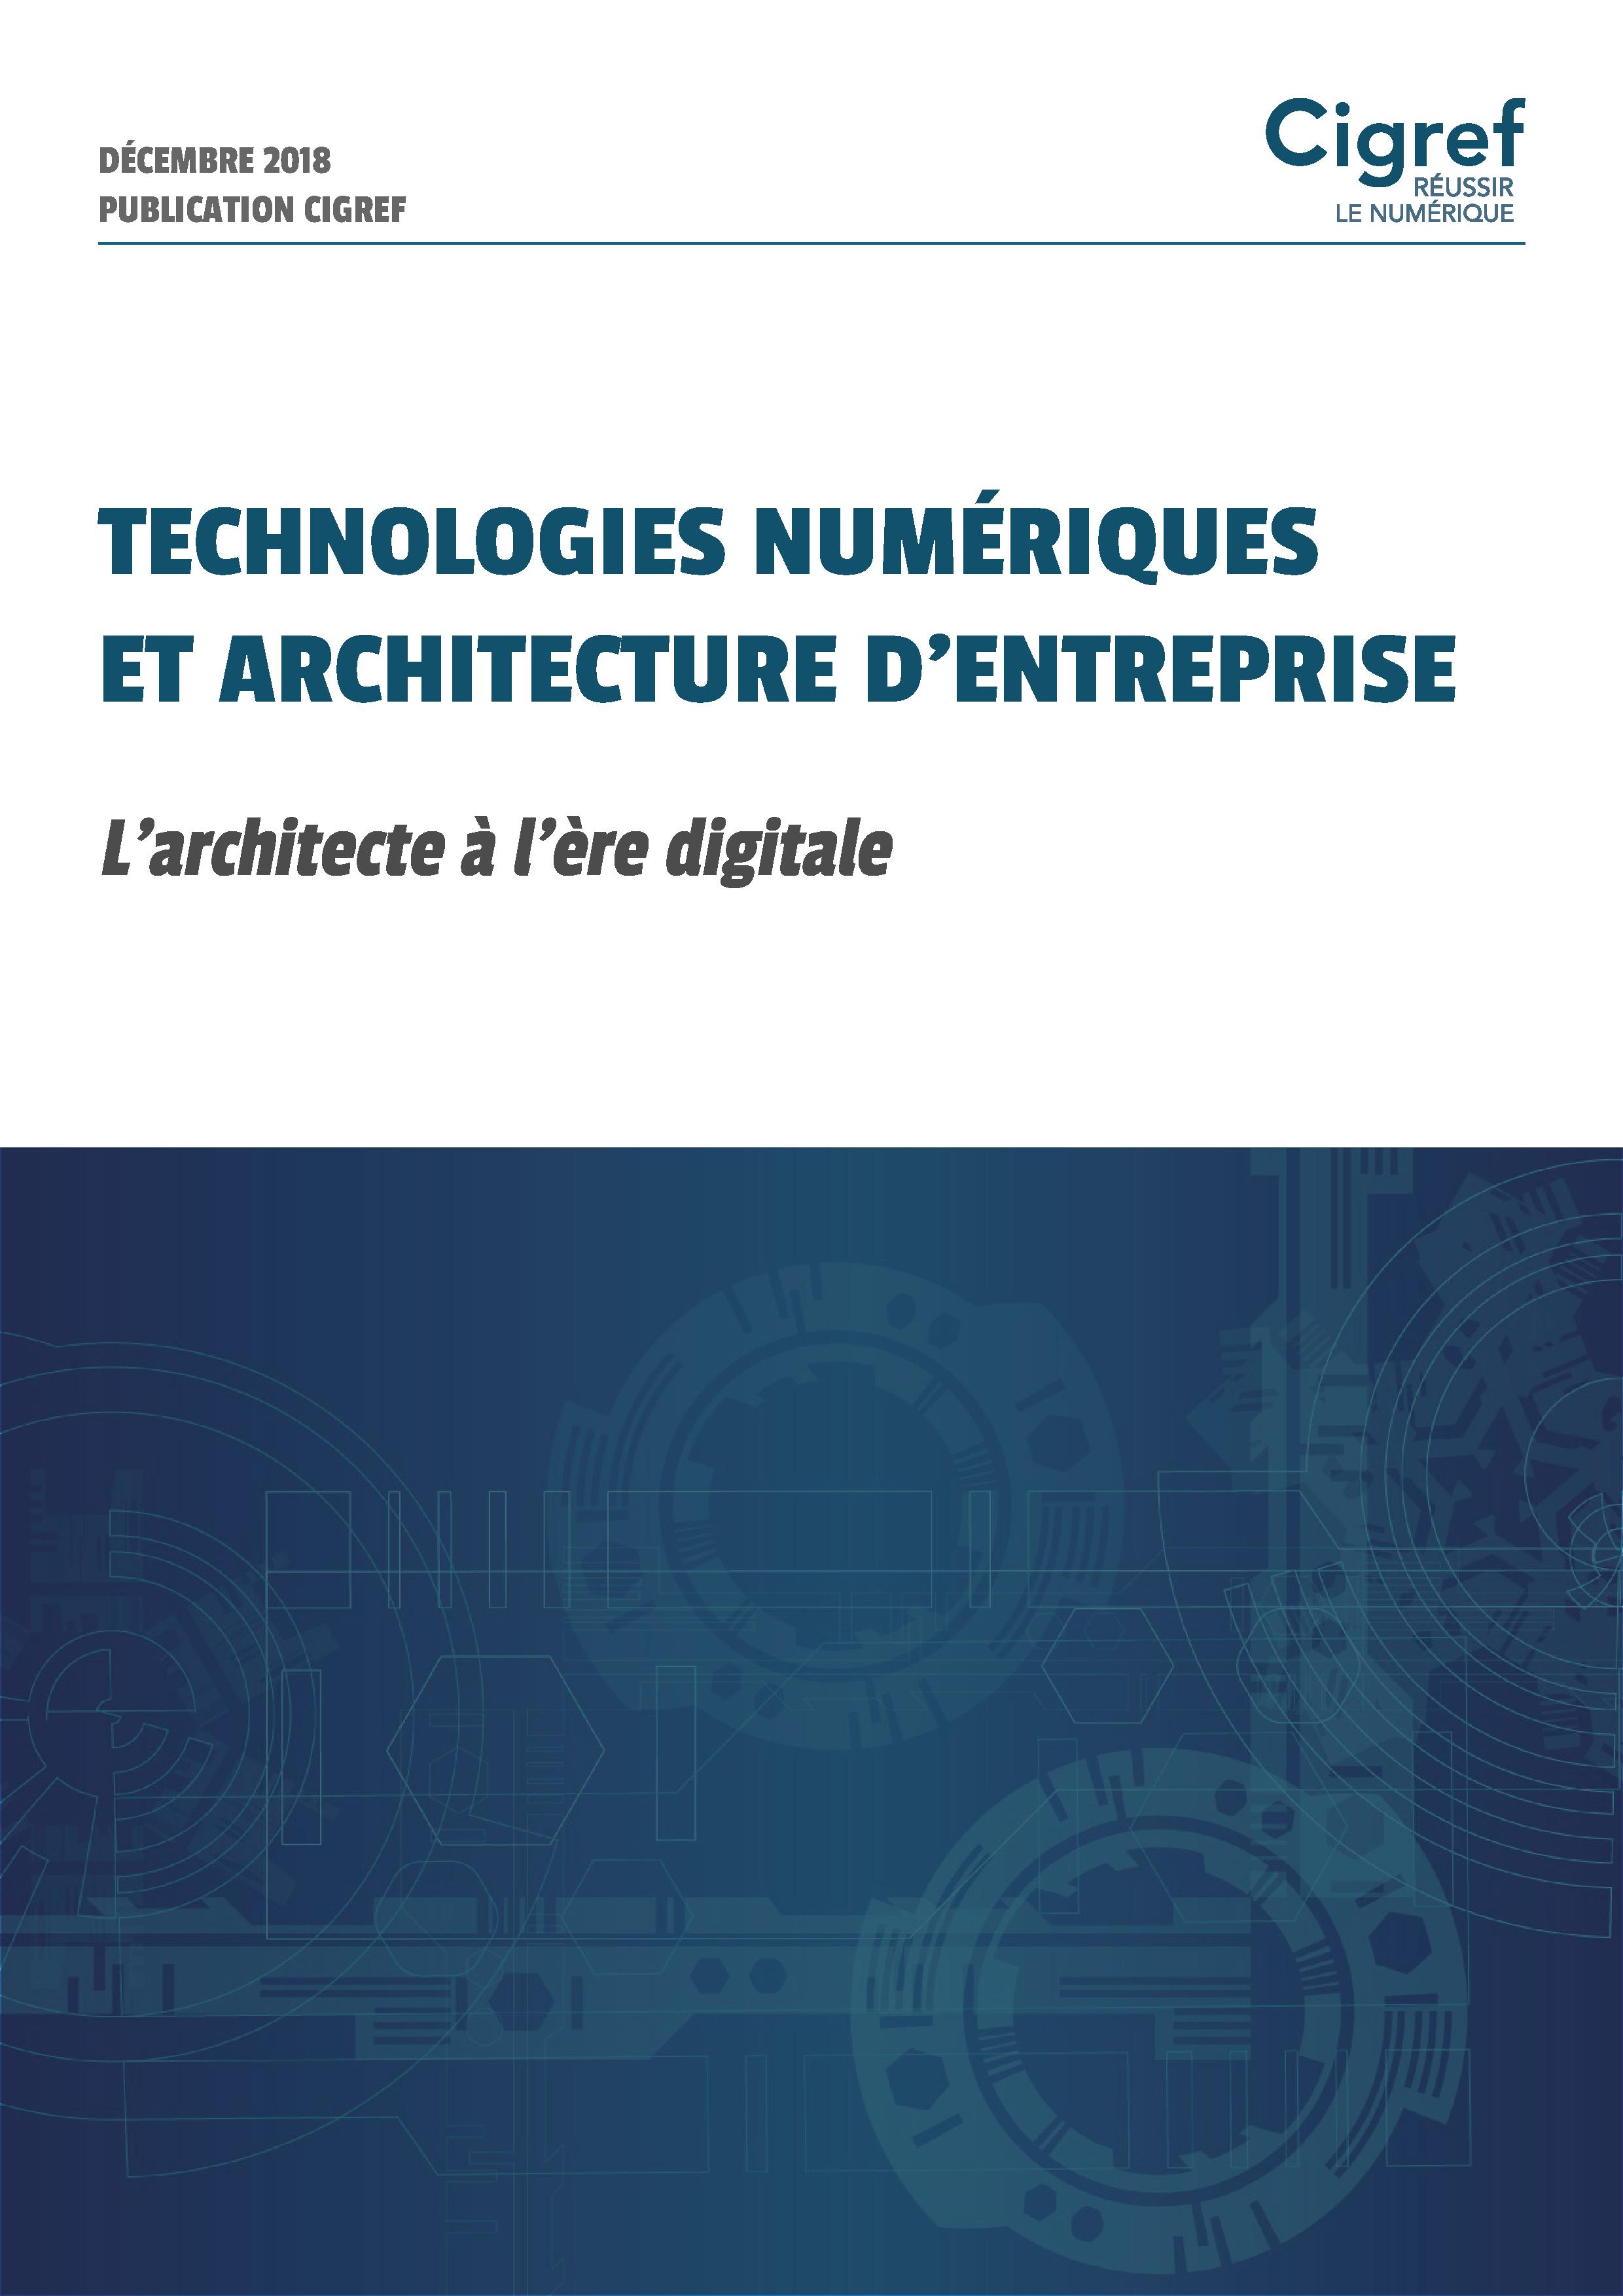 Technologies numériques et architecture d'entreprise : L'architecte à l'ère digitale